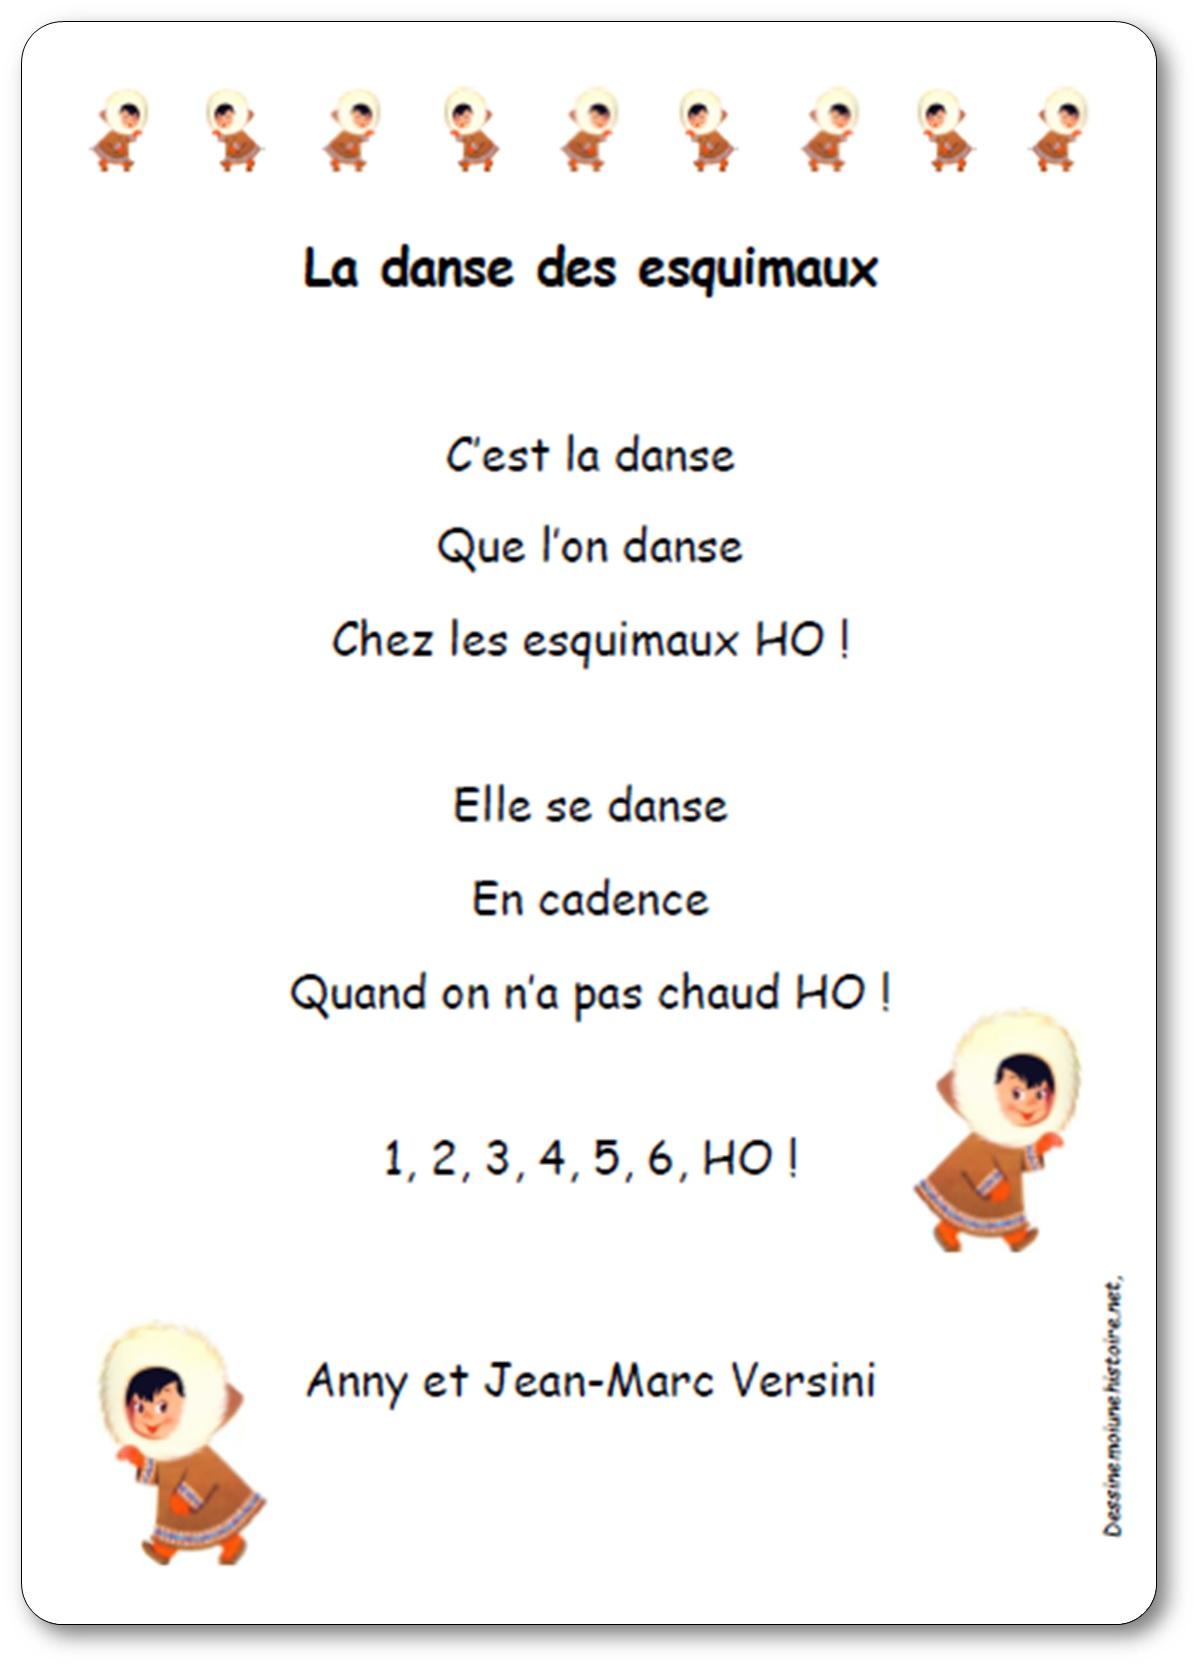 Chanson La danse des esquimaux d'Anny et Jean-Marc Versini